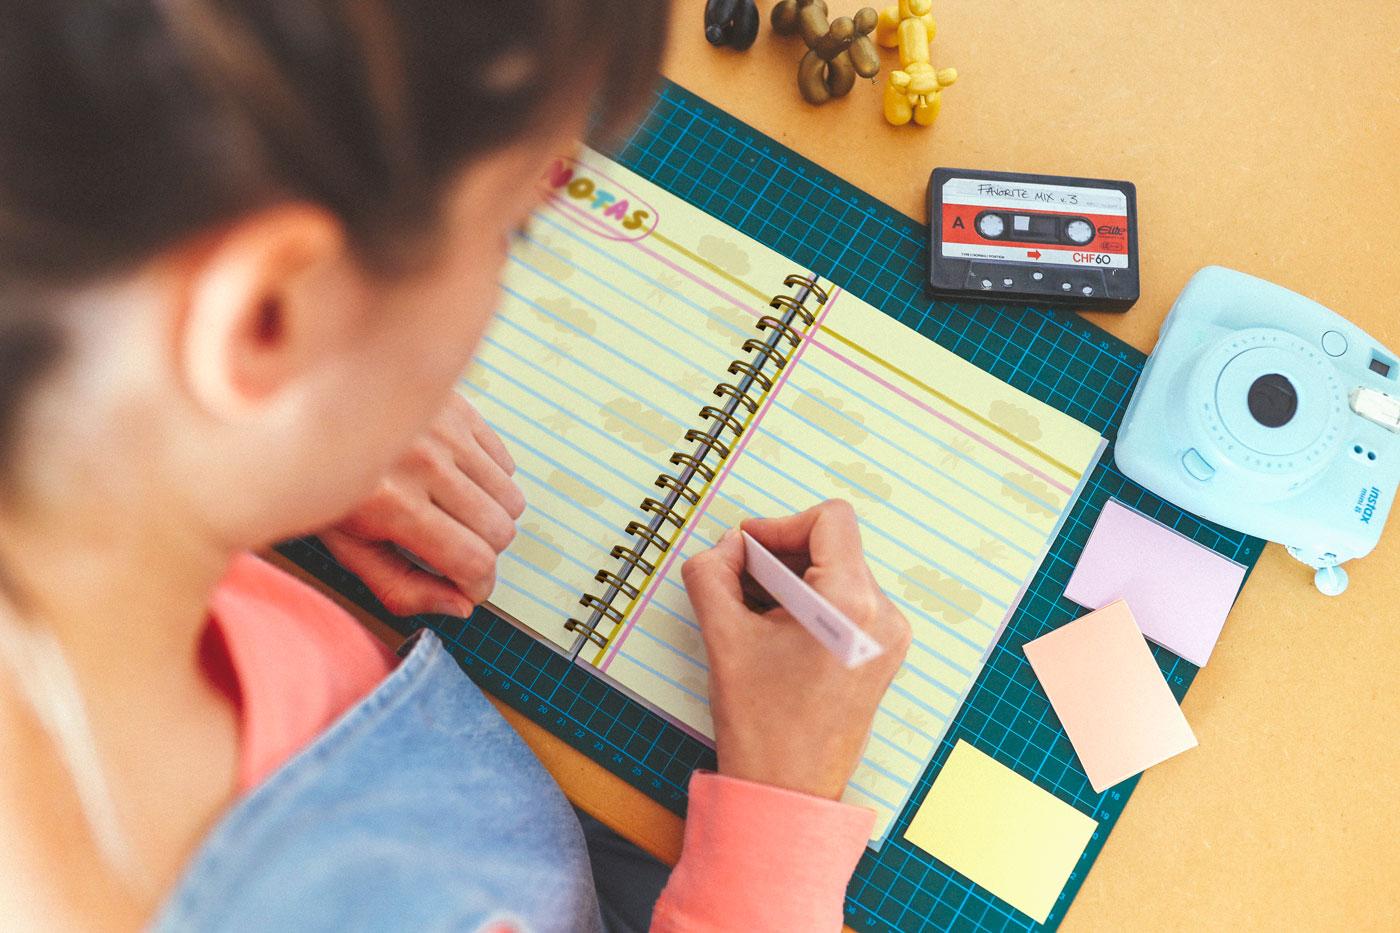 ¿Agenda o cuaderno? ¡Ambas! Incluye páginas extra para tus anotaciones.